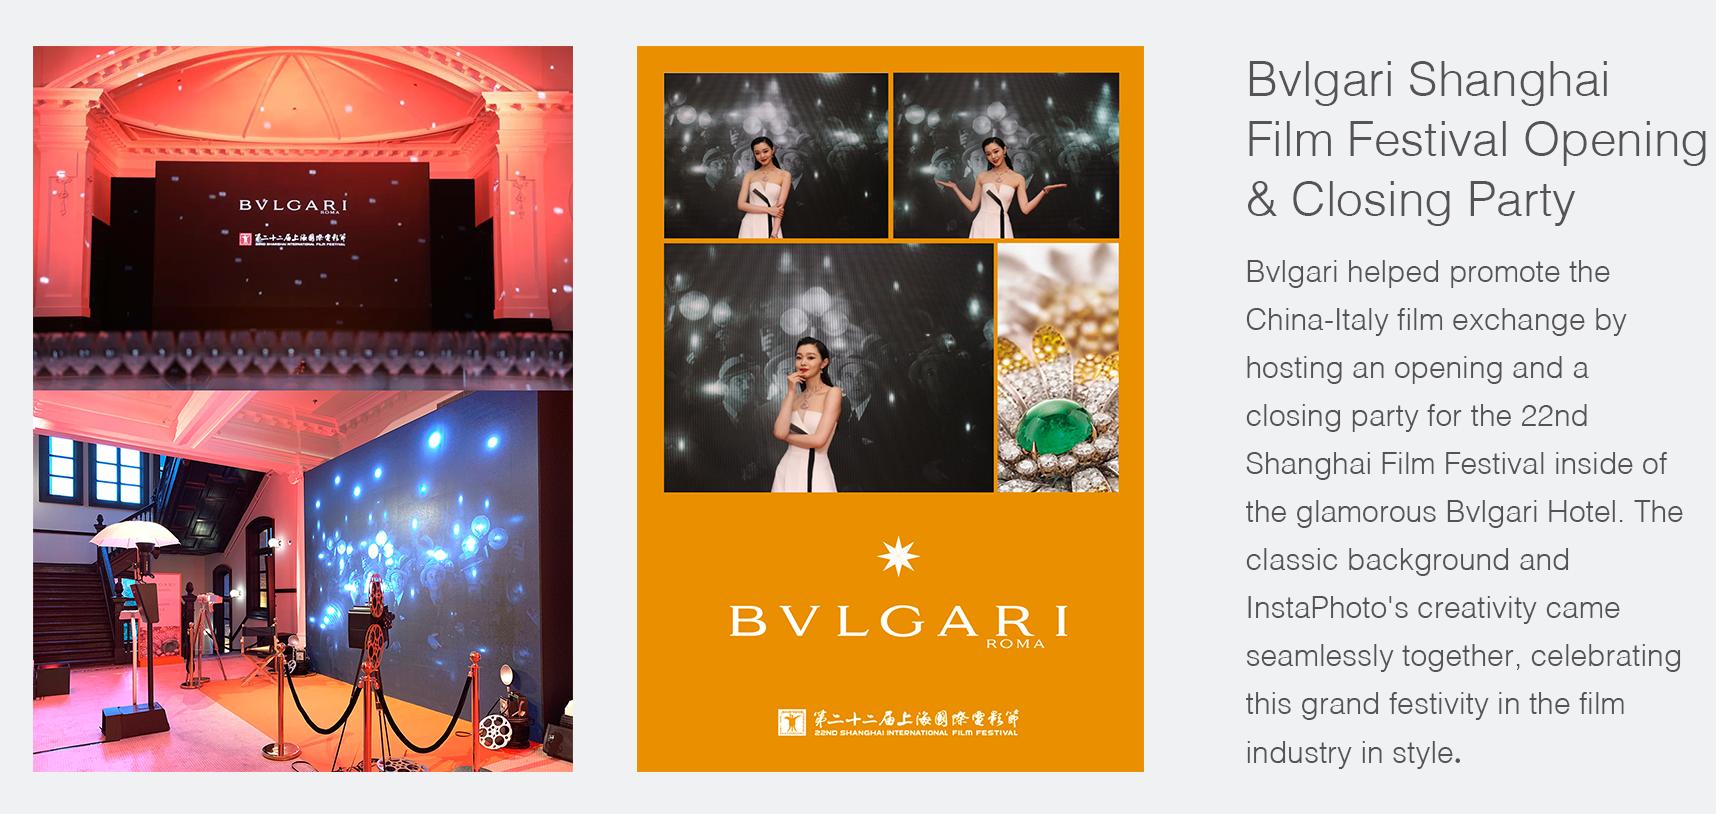 bvlgari0911 en.png